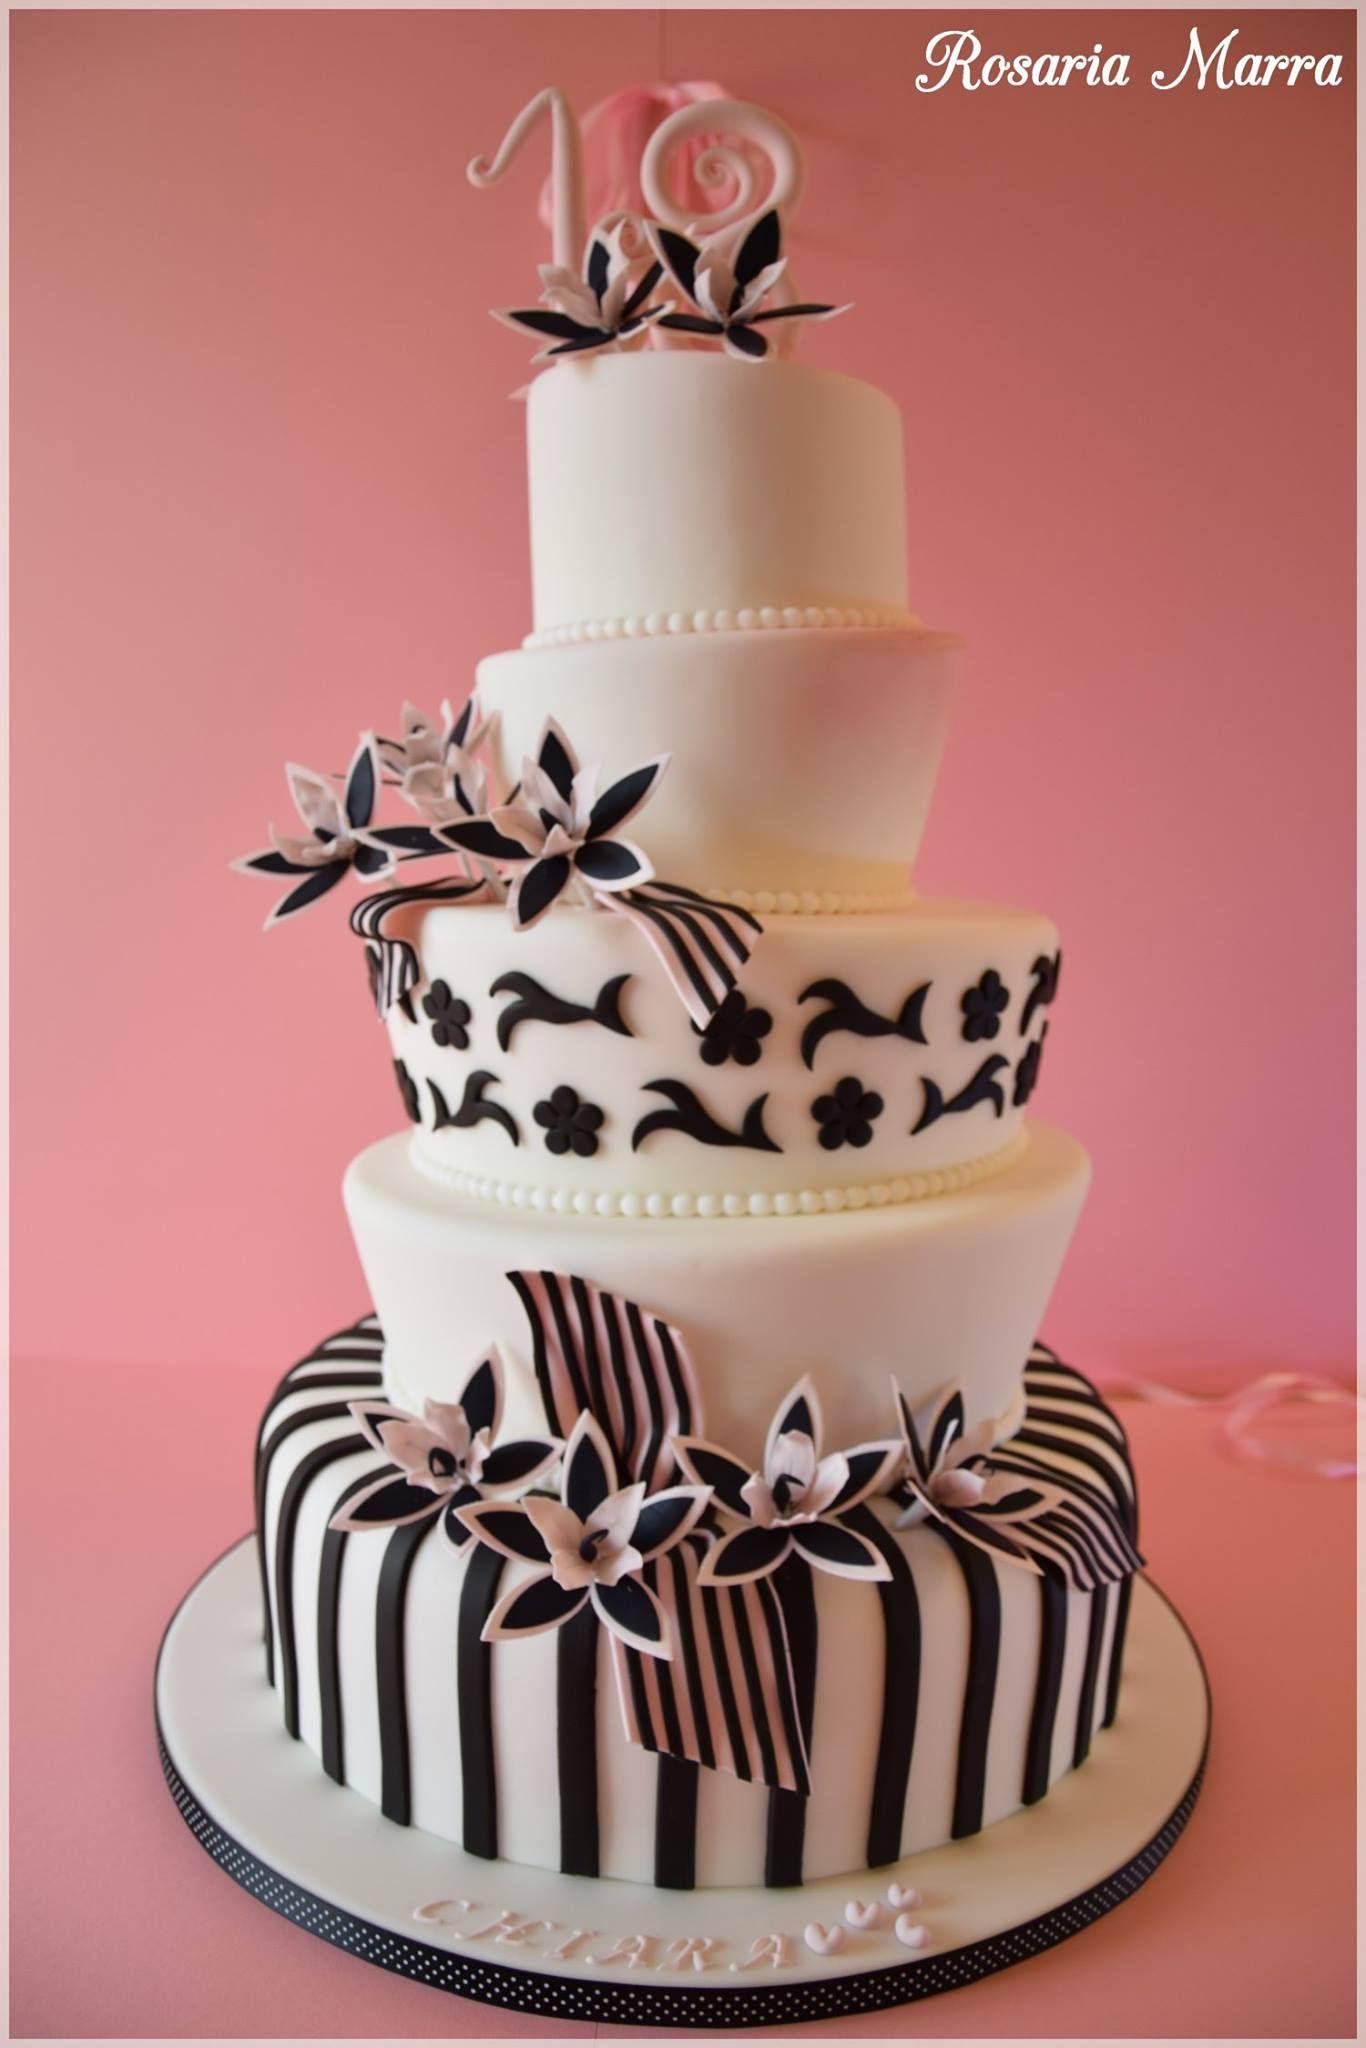 Torta Compleanno 18 Anni Compleanno Festa Party Torta Puglia